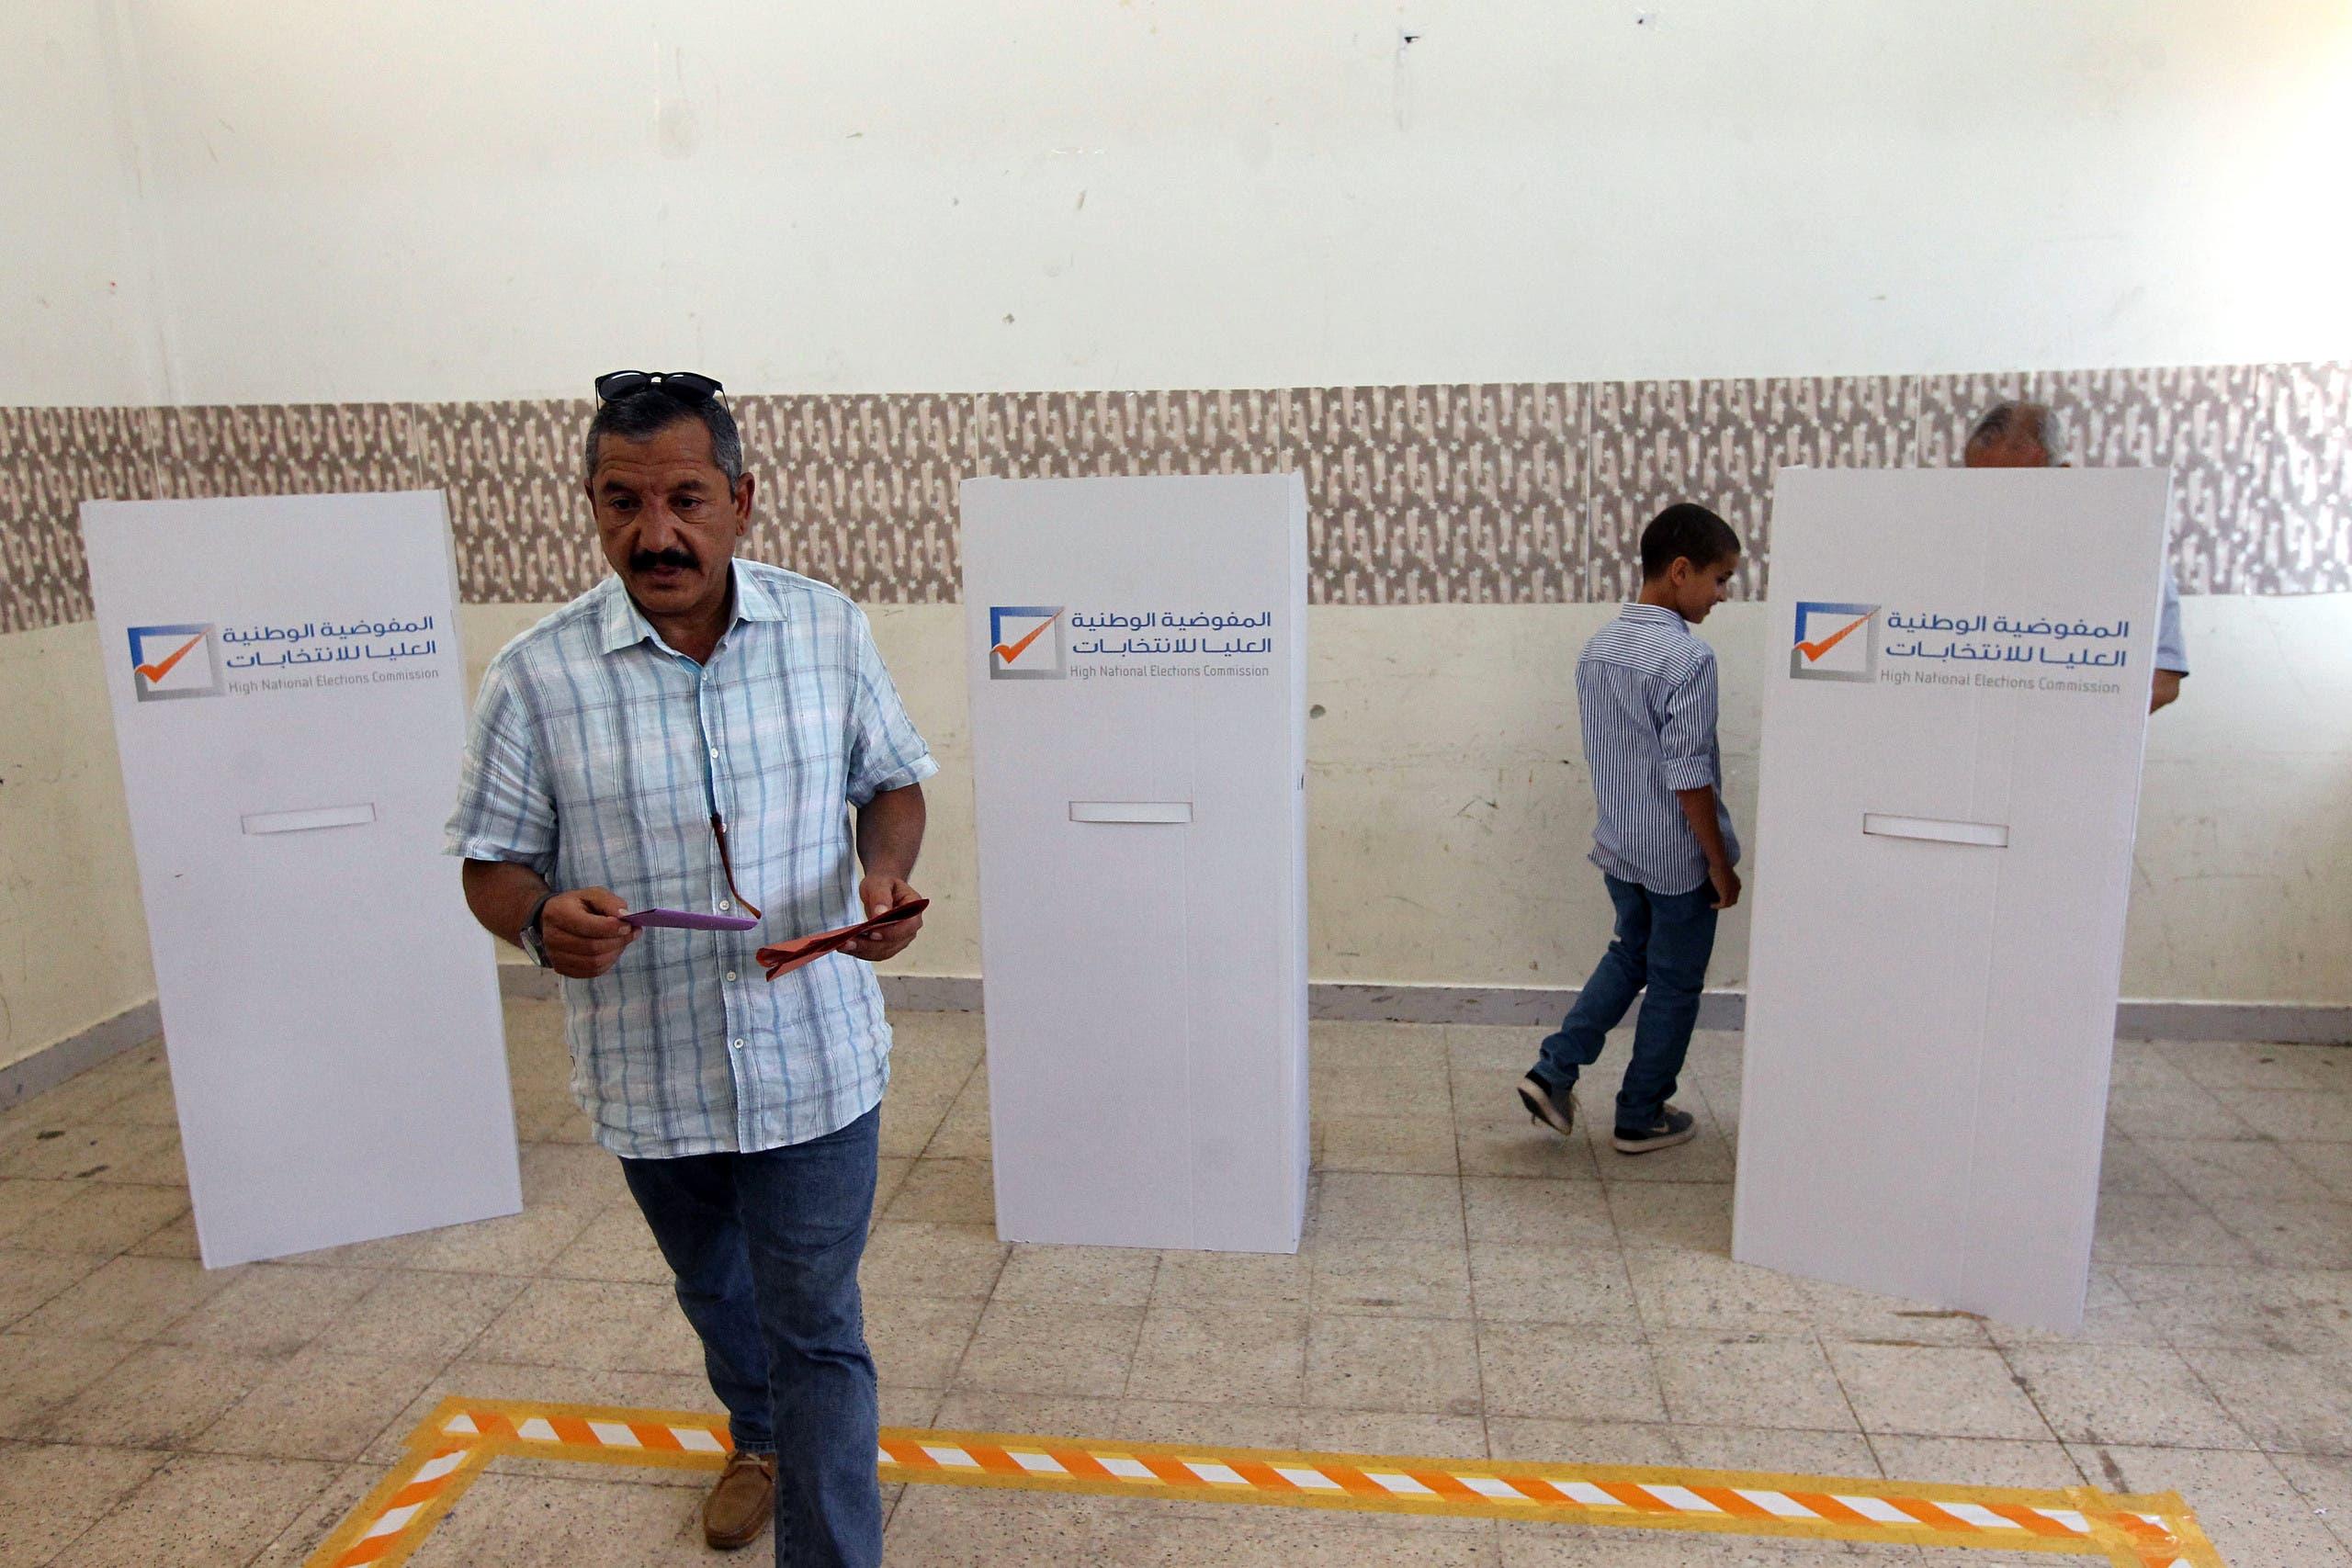 من آخر انتخابات تشريعية شهدتها ليبيا في يونيو 2014